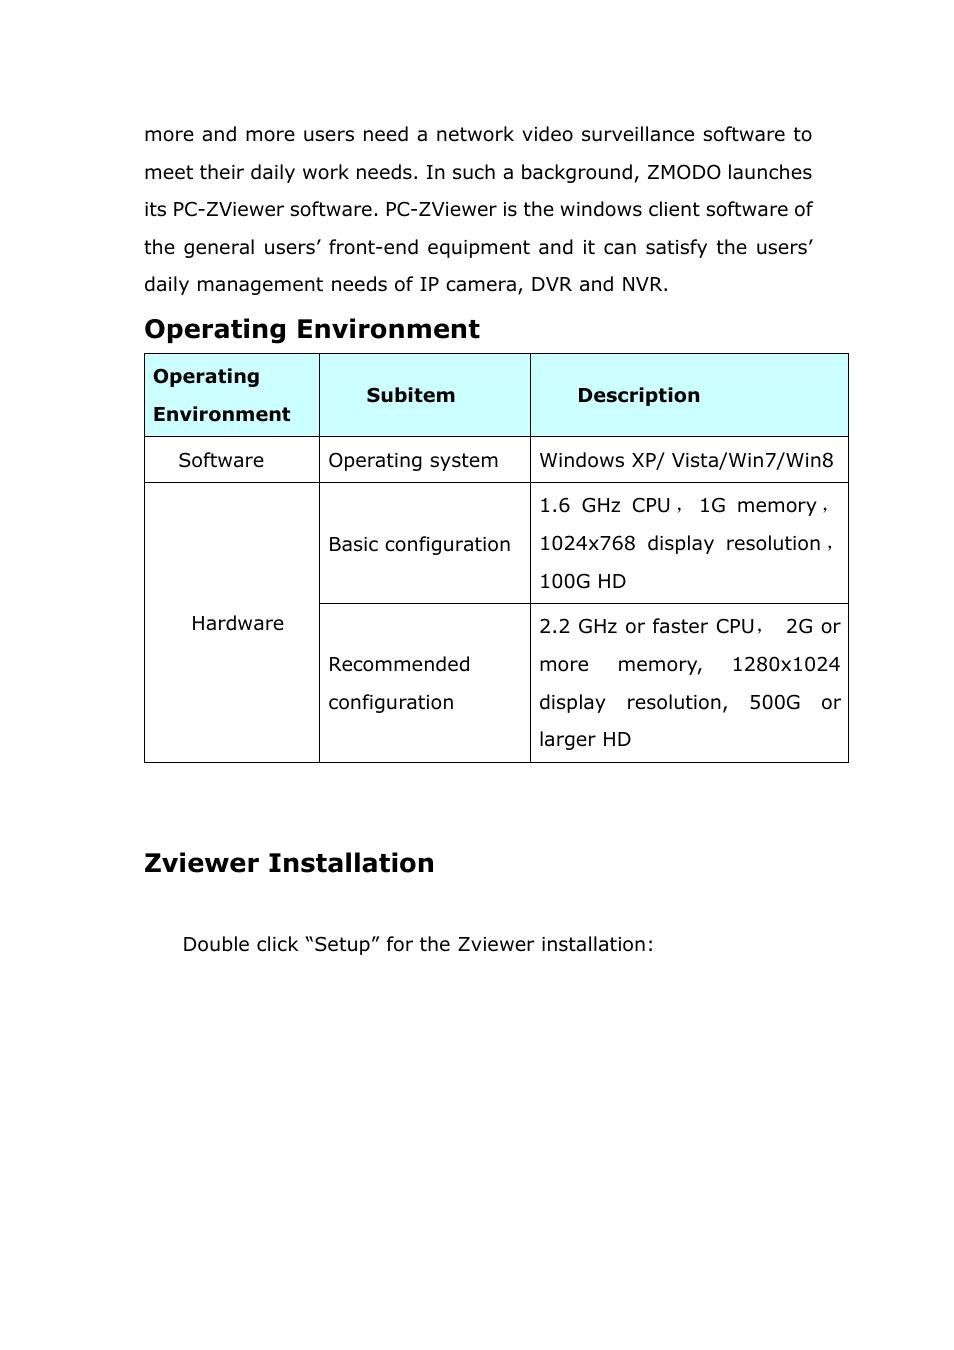 Zviewerinstallation, Zviewer installation, Operating environment